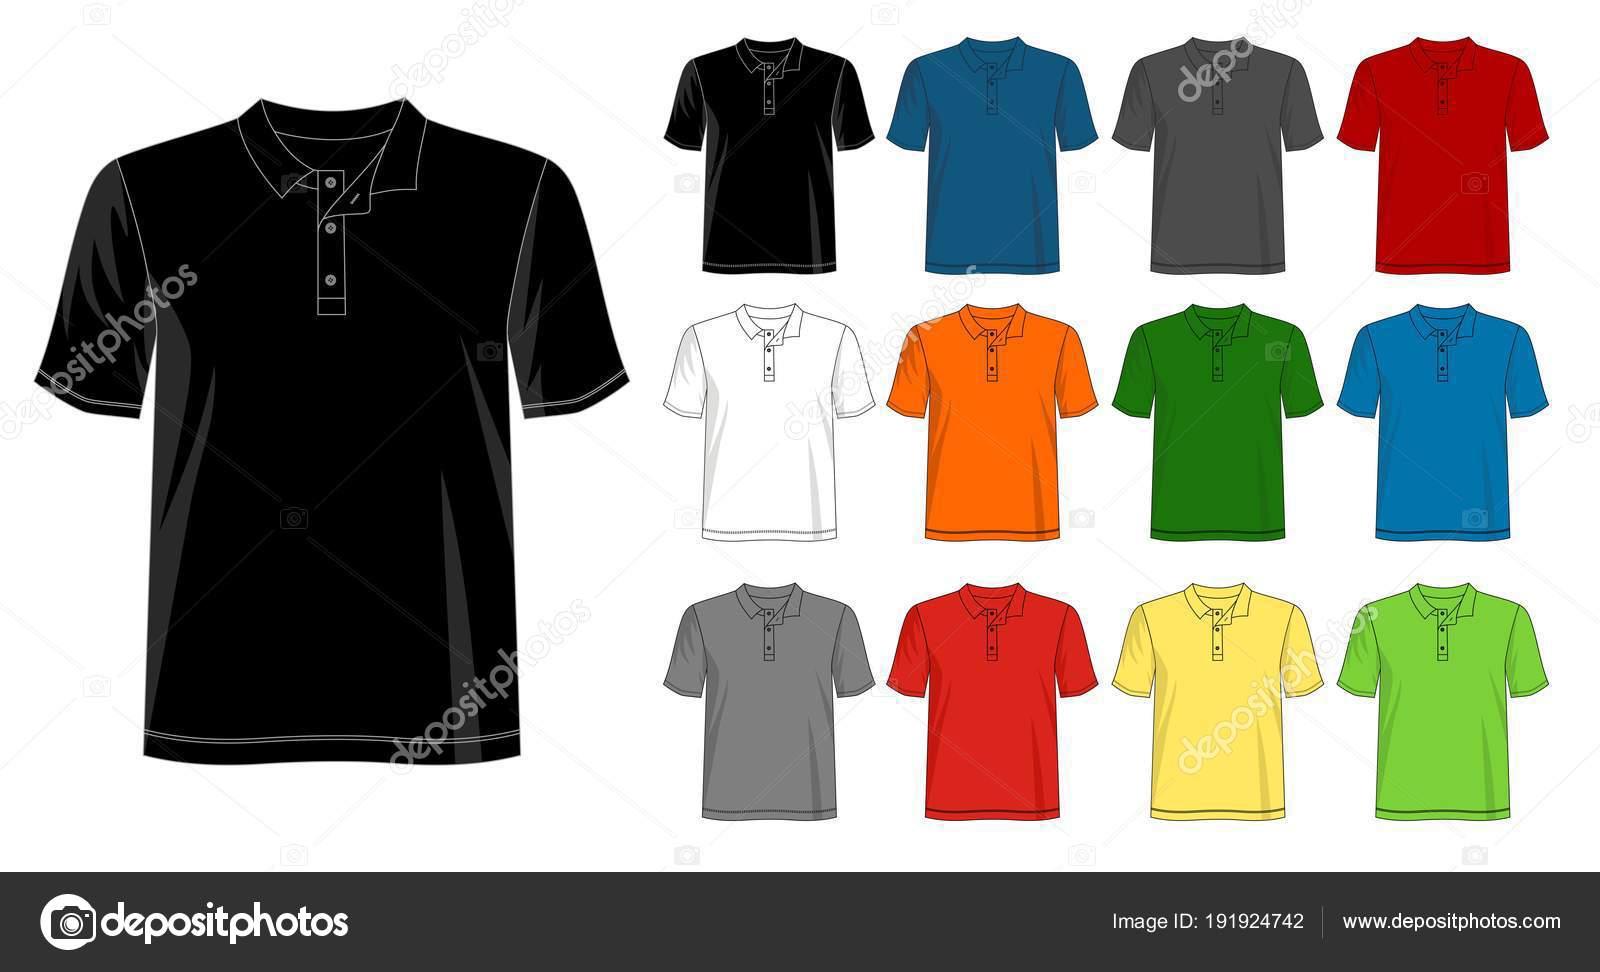 Magnífico Plantilla De Camiseta De Diseño Ideas - Ejemplo De ...